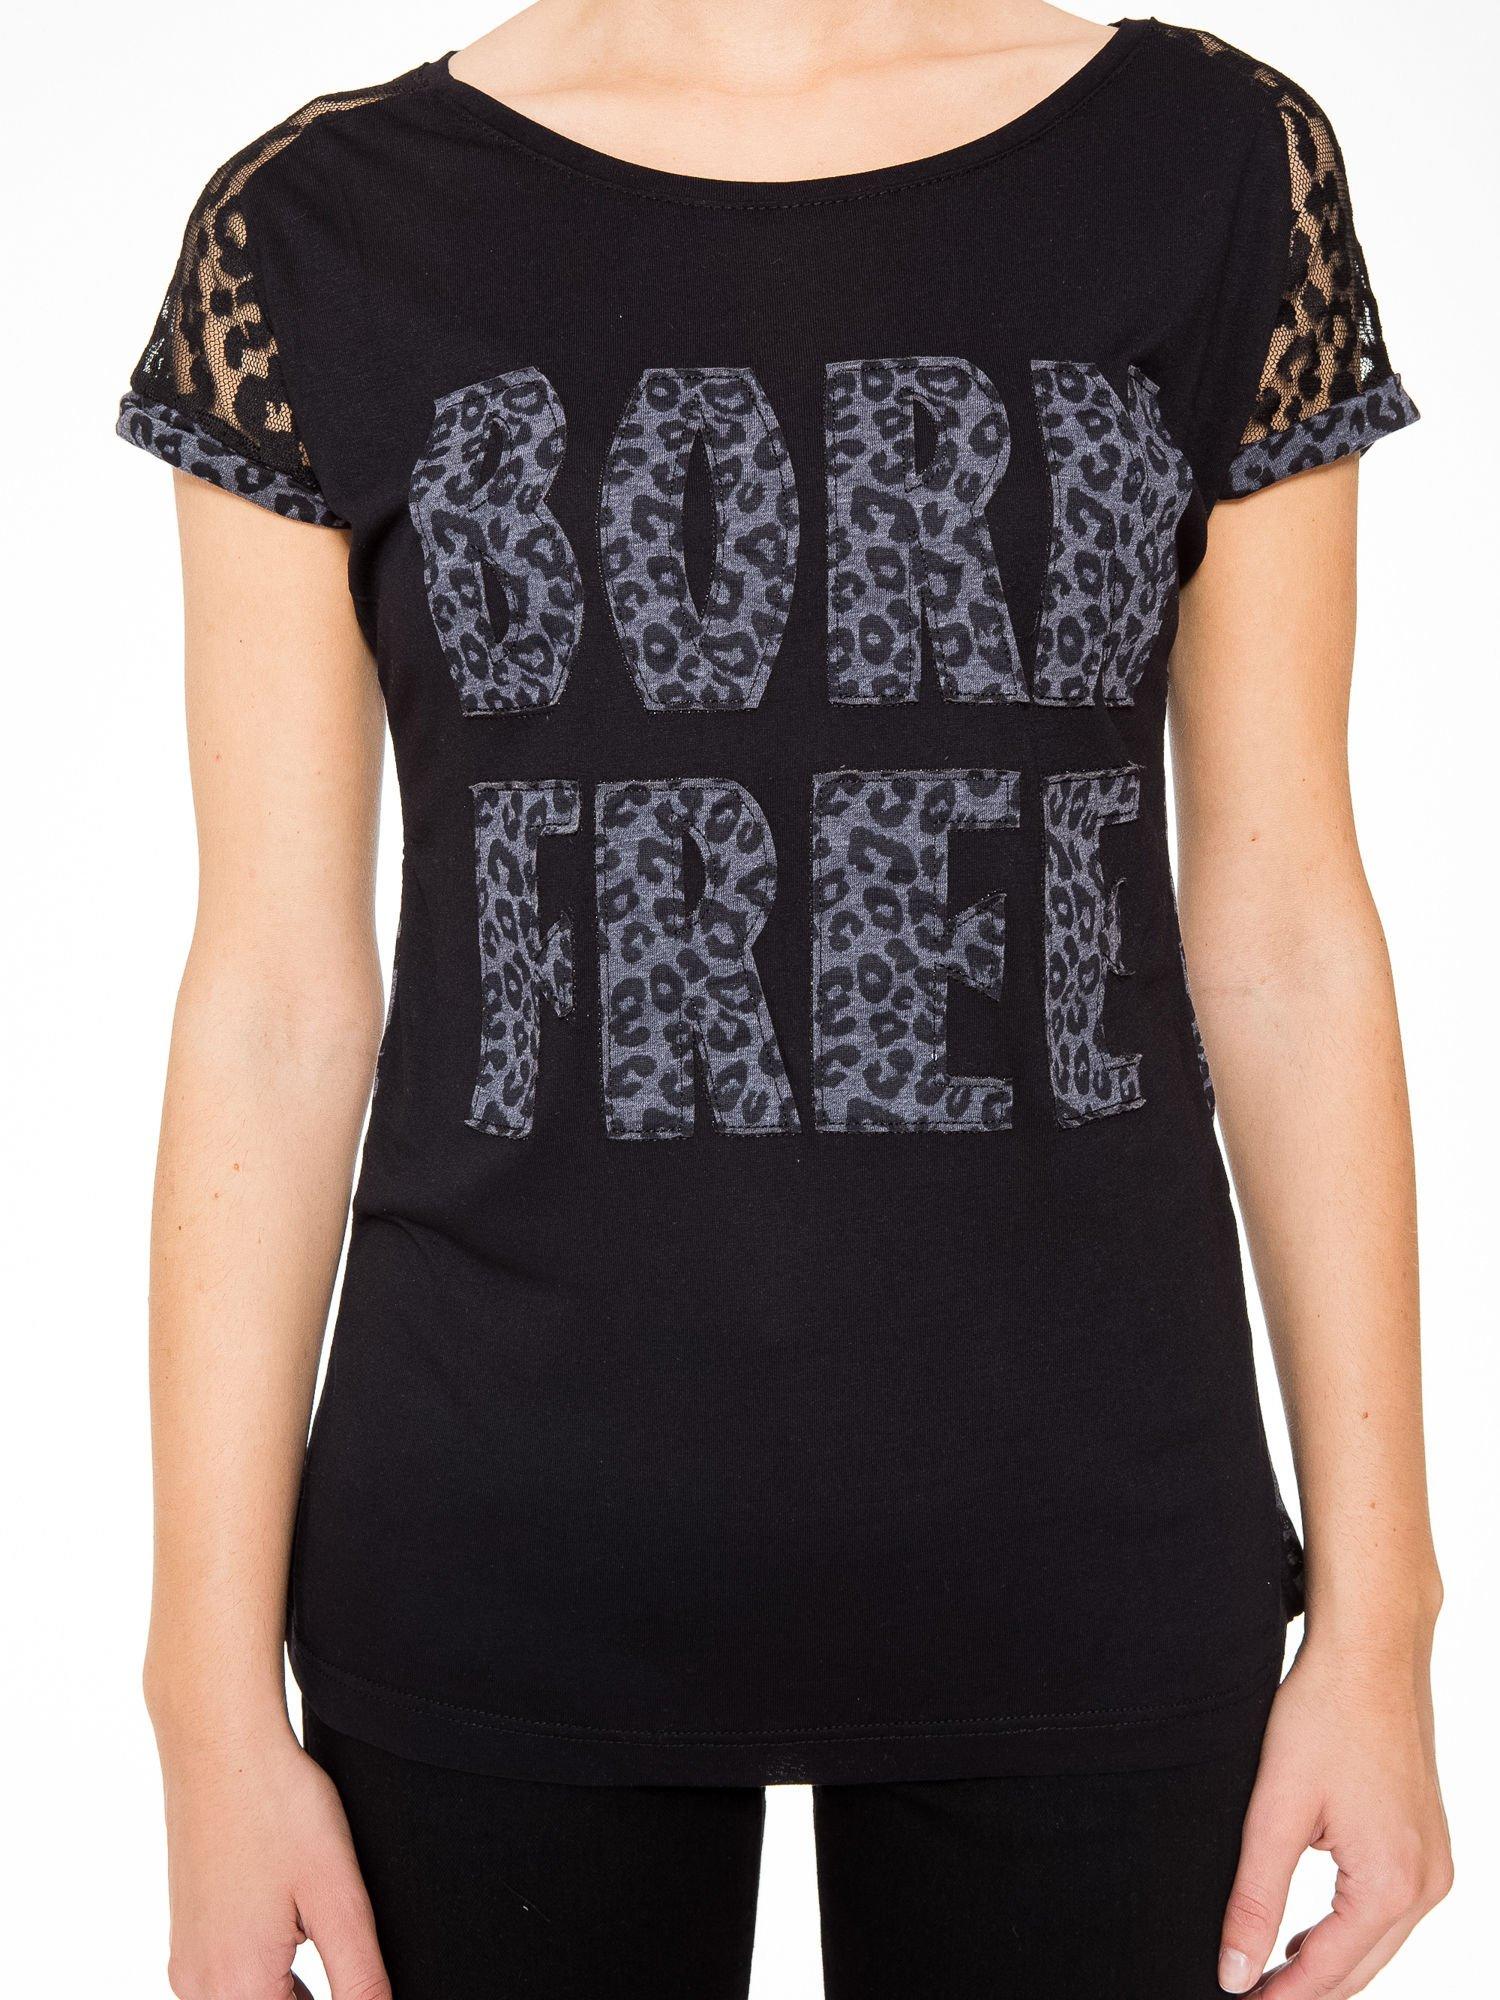 Panterkowy t-shirt z nadrukiem BORN FREE i koronkowymi rękawami                                  zdj.                                  8